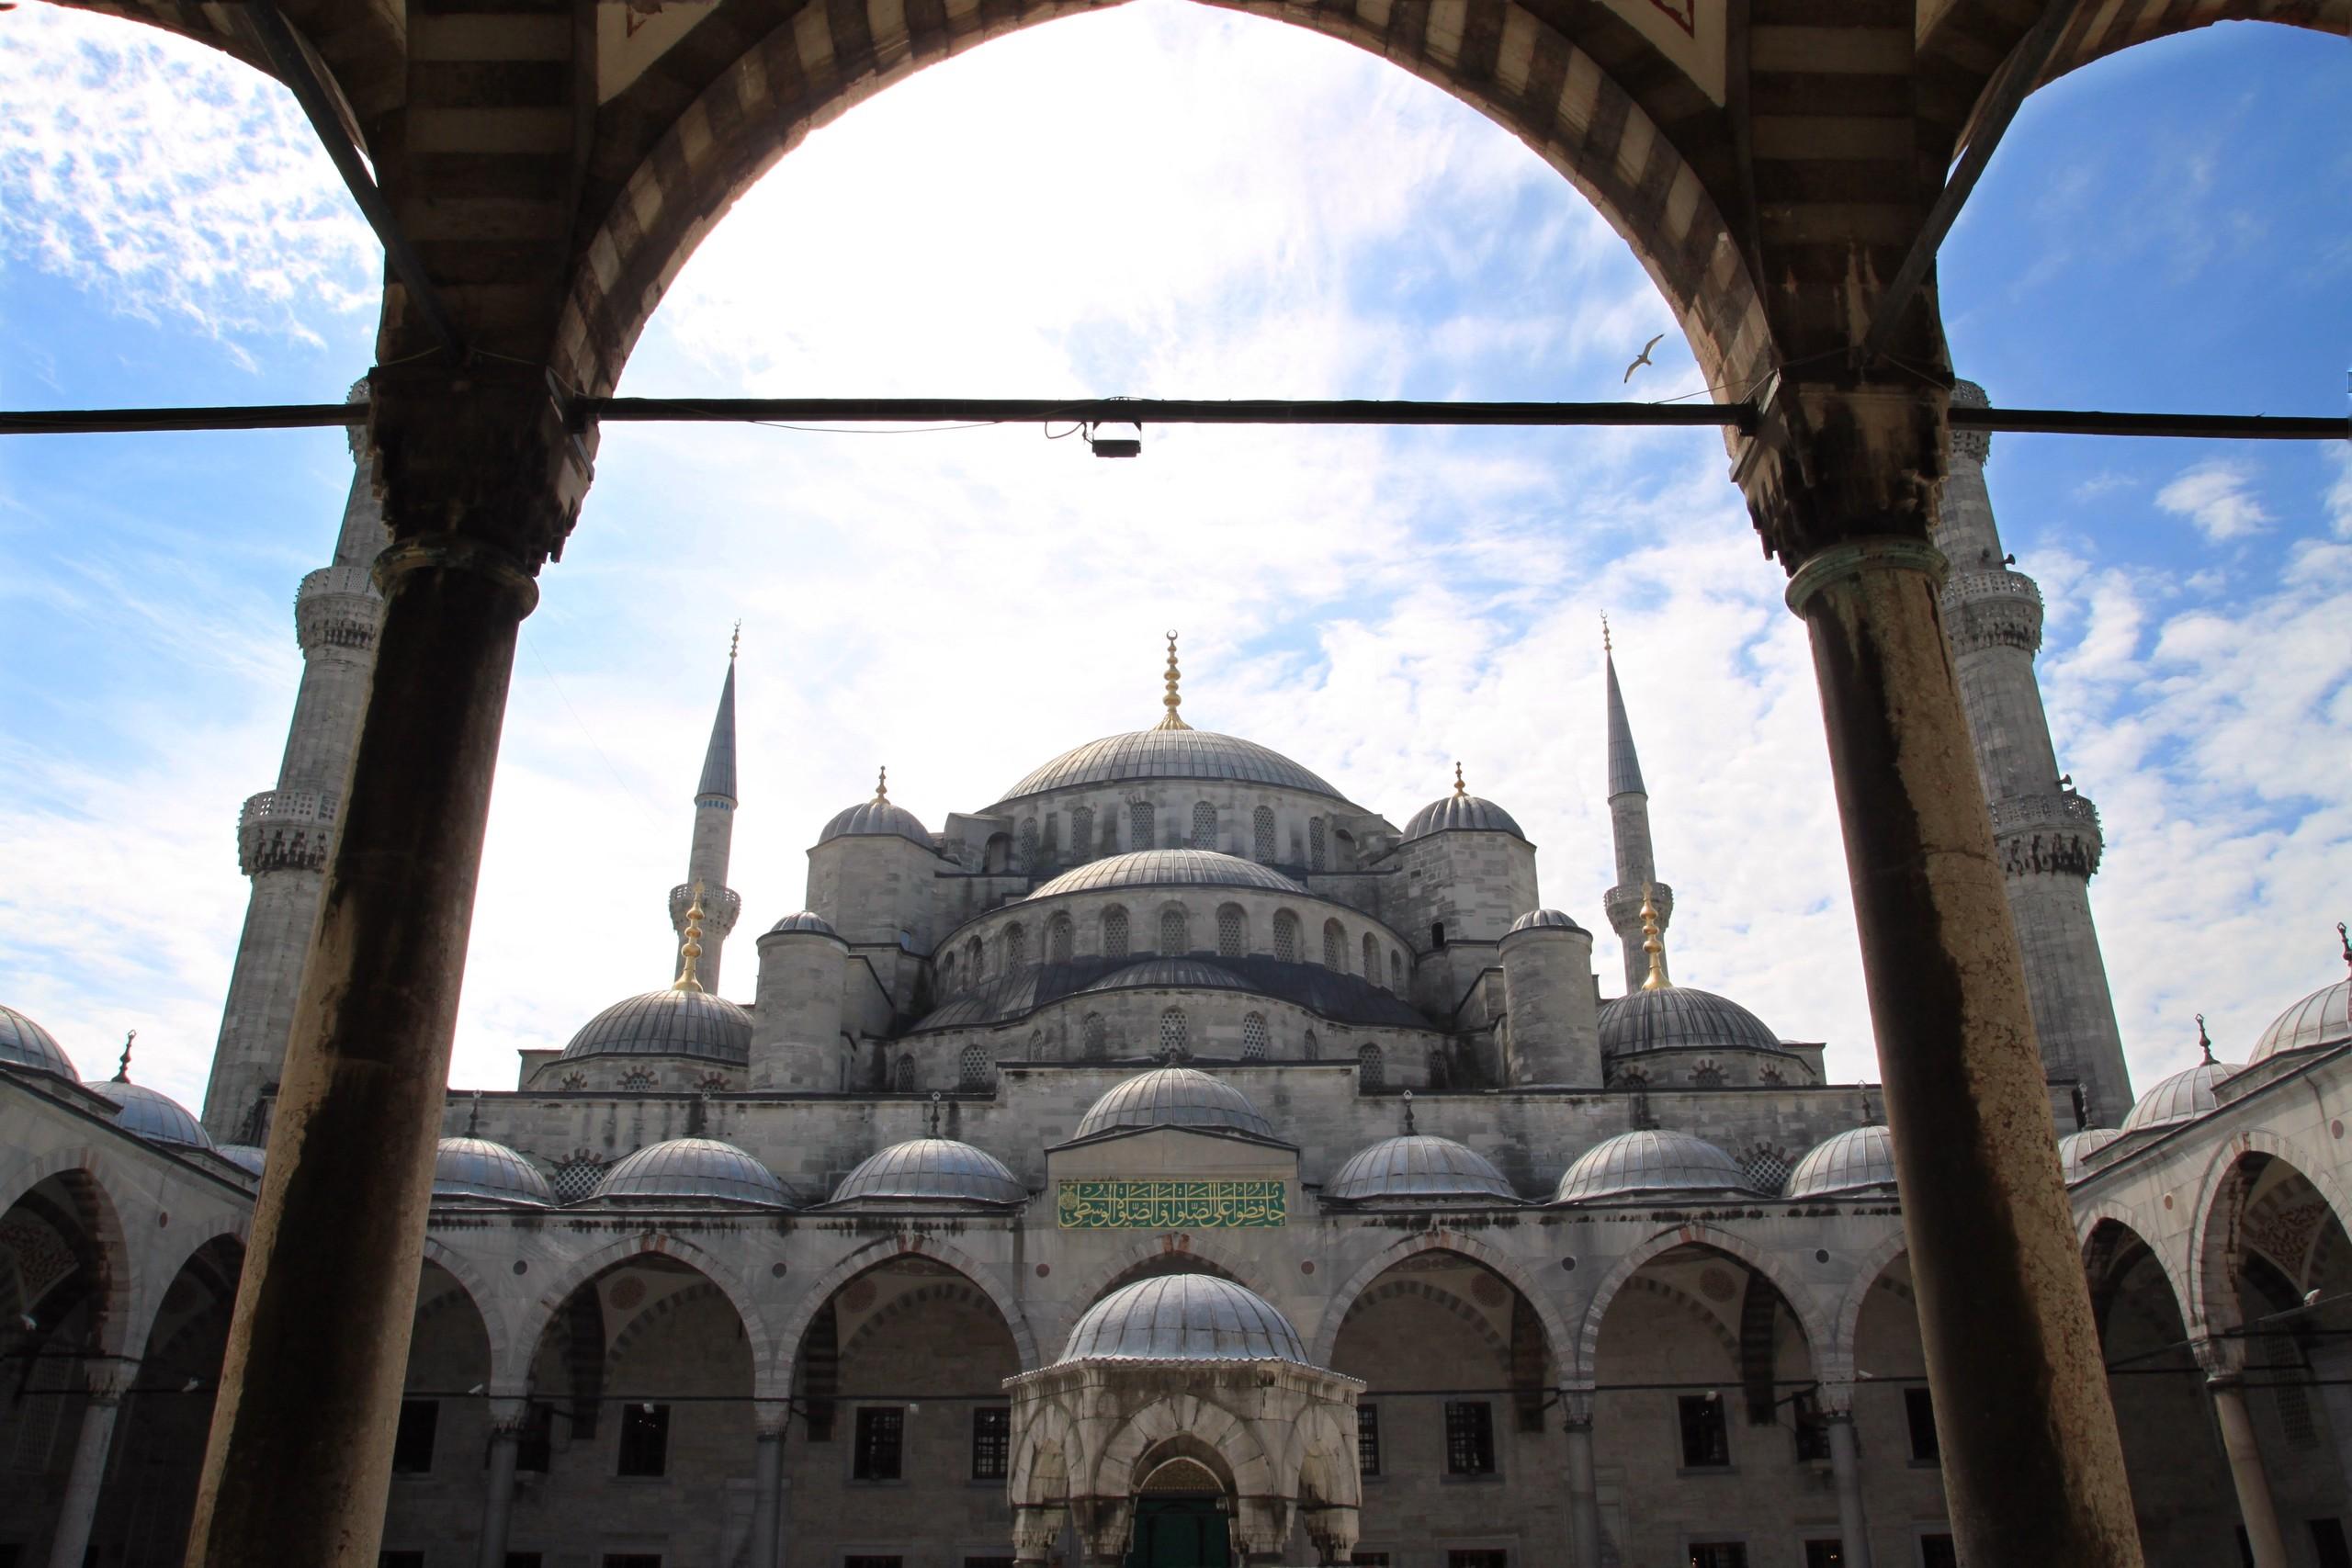 Pırlantadan Kubbeler #5: Sultanahmed - NE8dyX - Pırlantadan Kubbeler #5: Sultanahmed